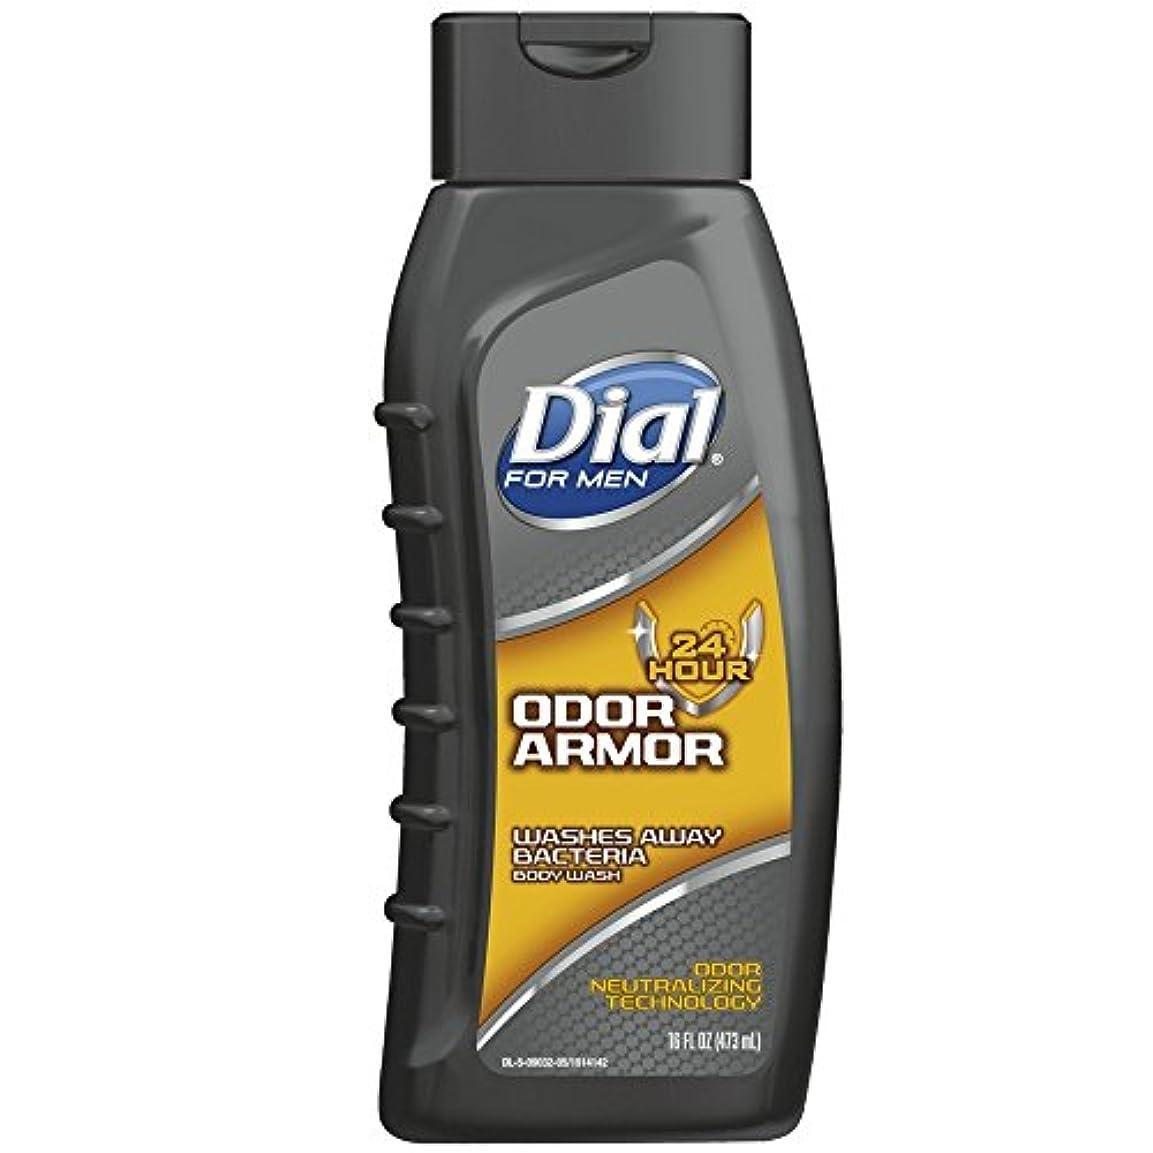 辞書賢明な病院Dial 男性抗菌ボディウォッシュ、臭いアーマー16オンスのために